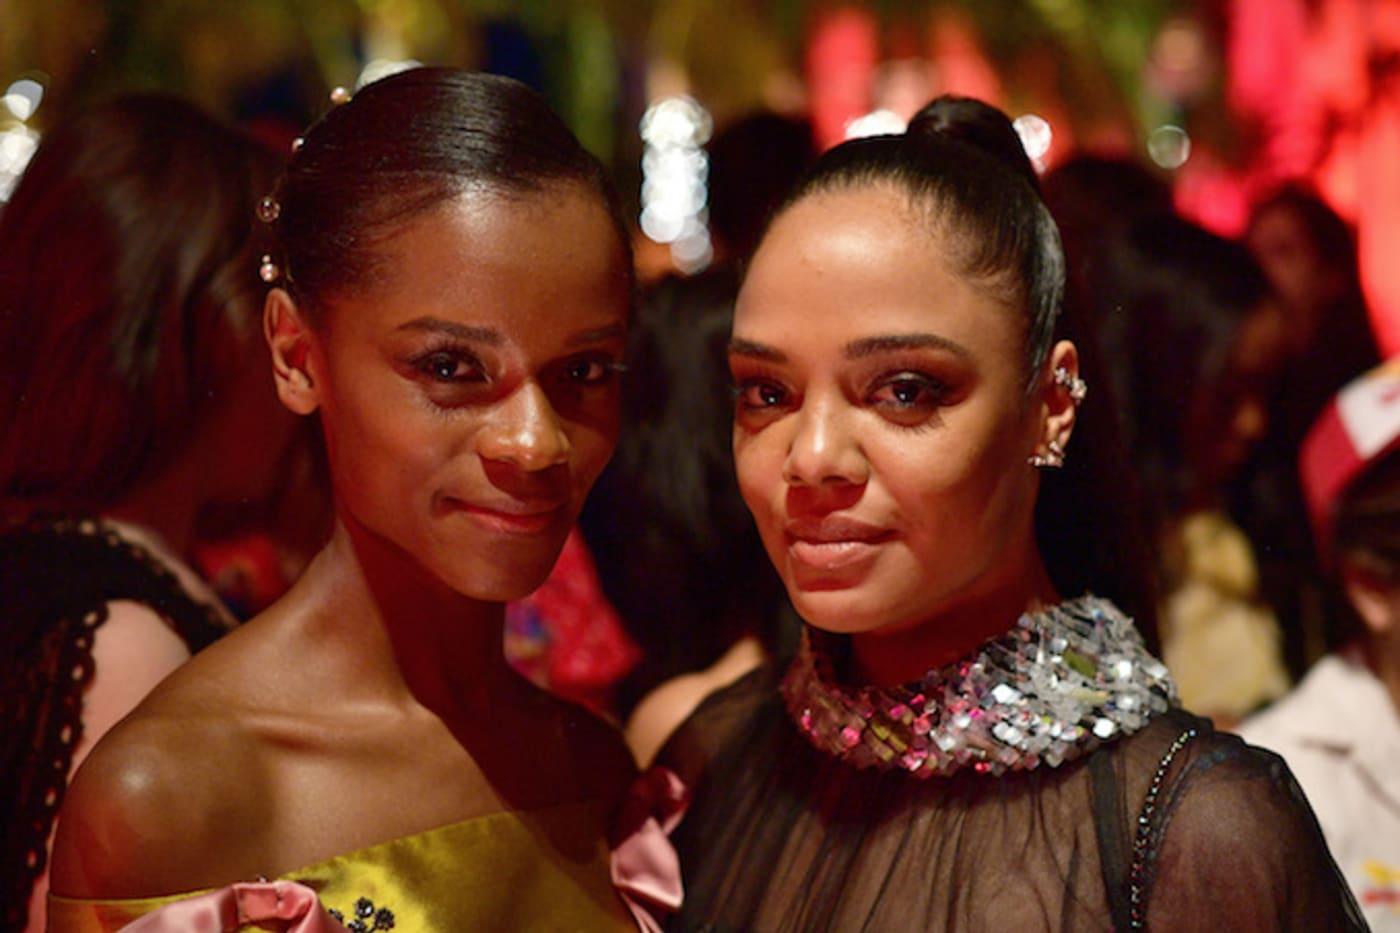 Letitia Wright and Tessa Thompson